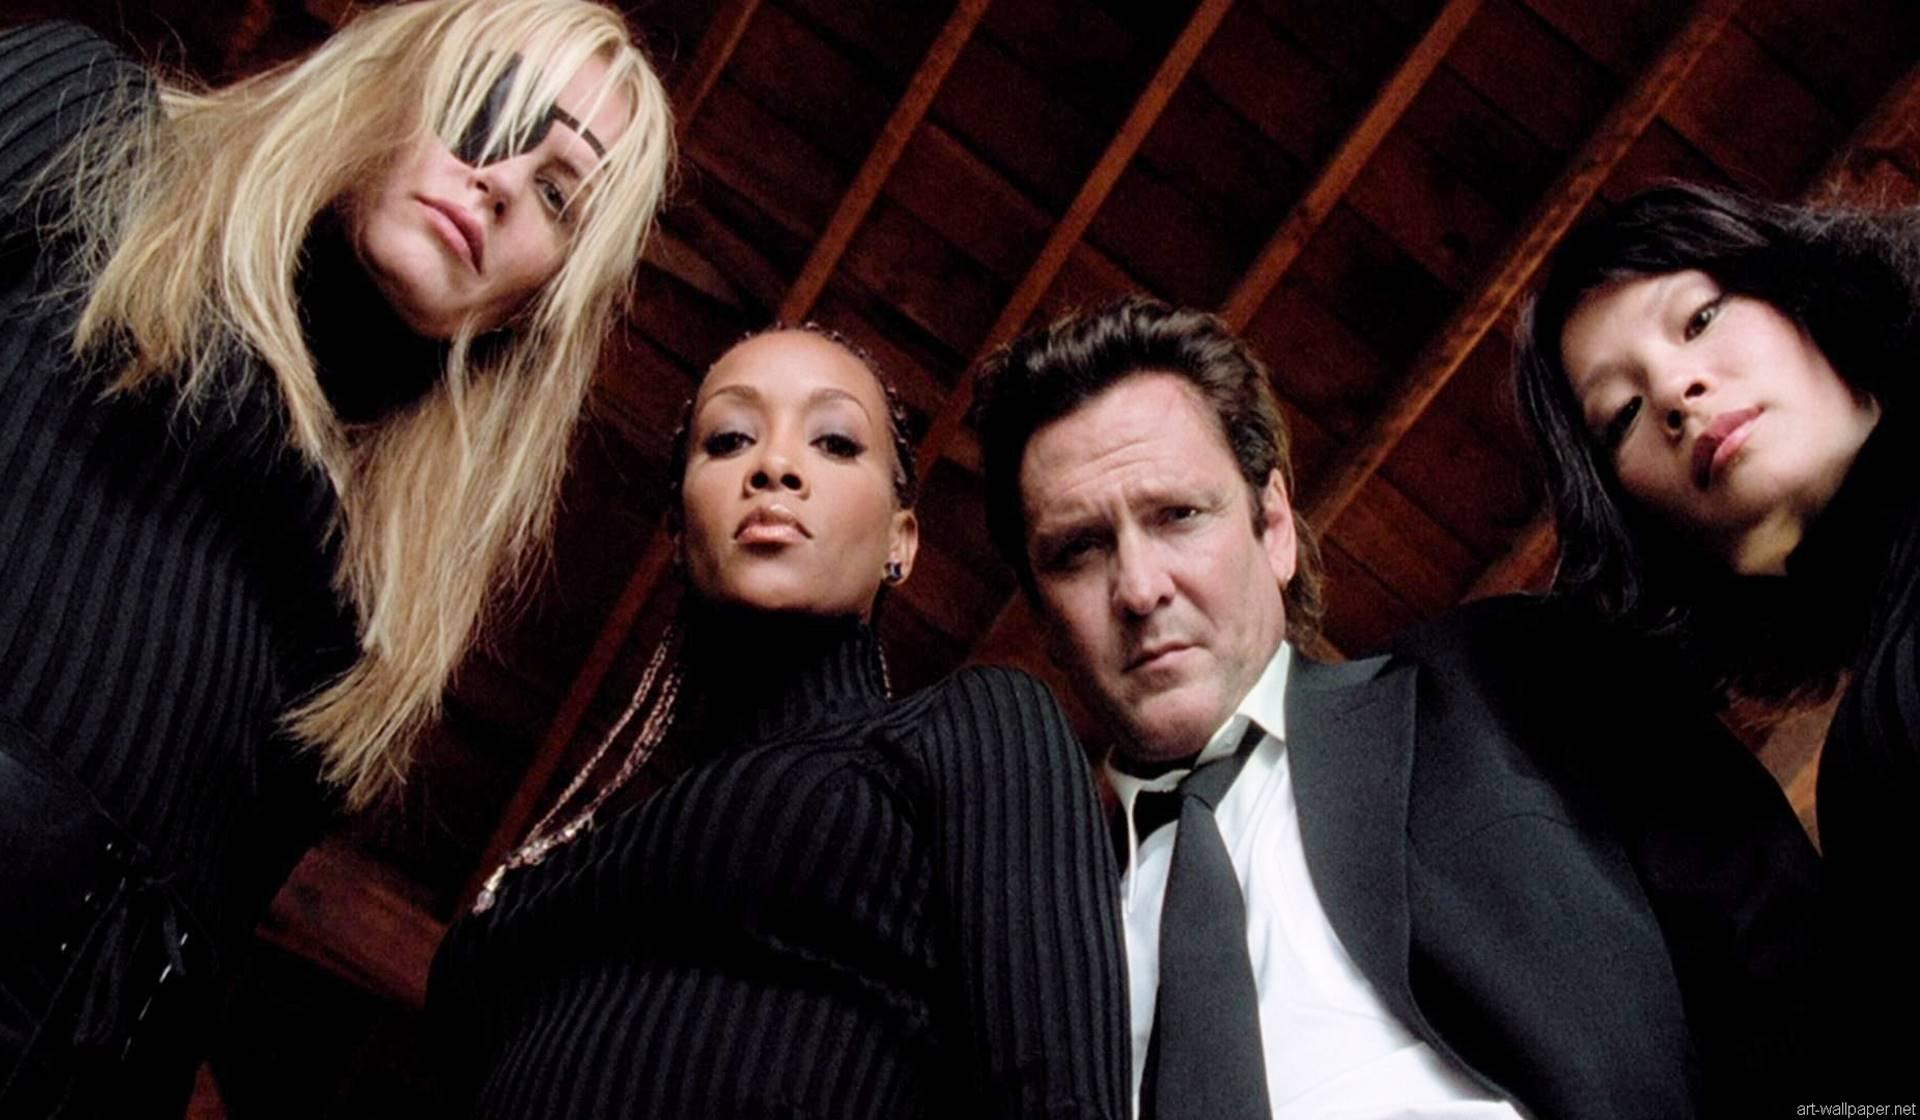 Kill Bill 3 de tarantino con Uma Thurman y Zendaya